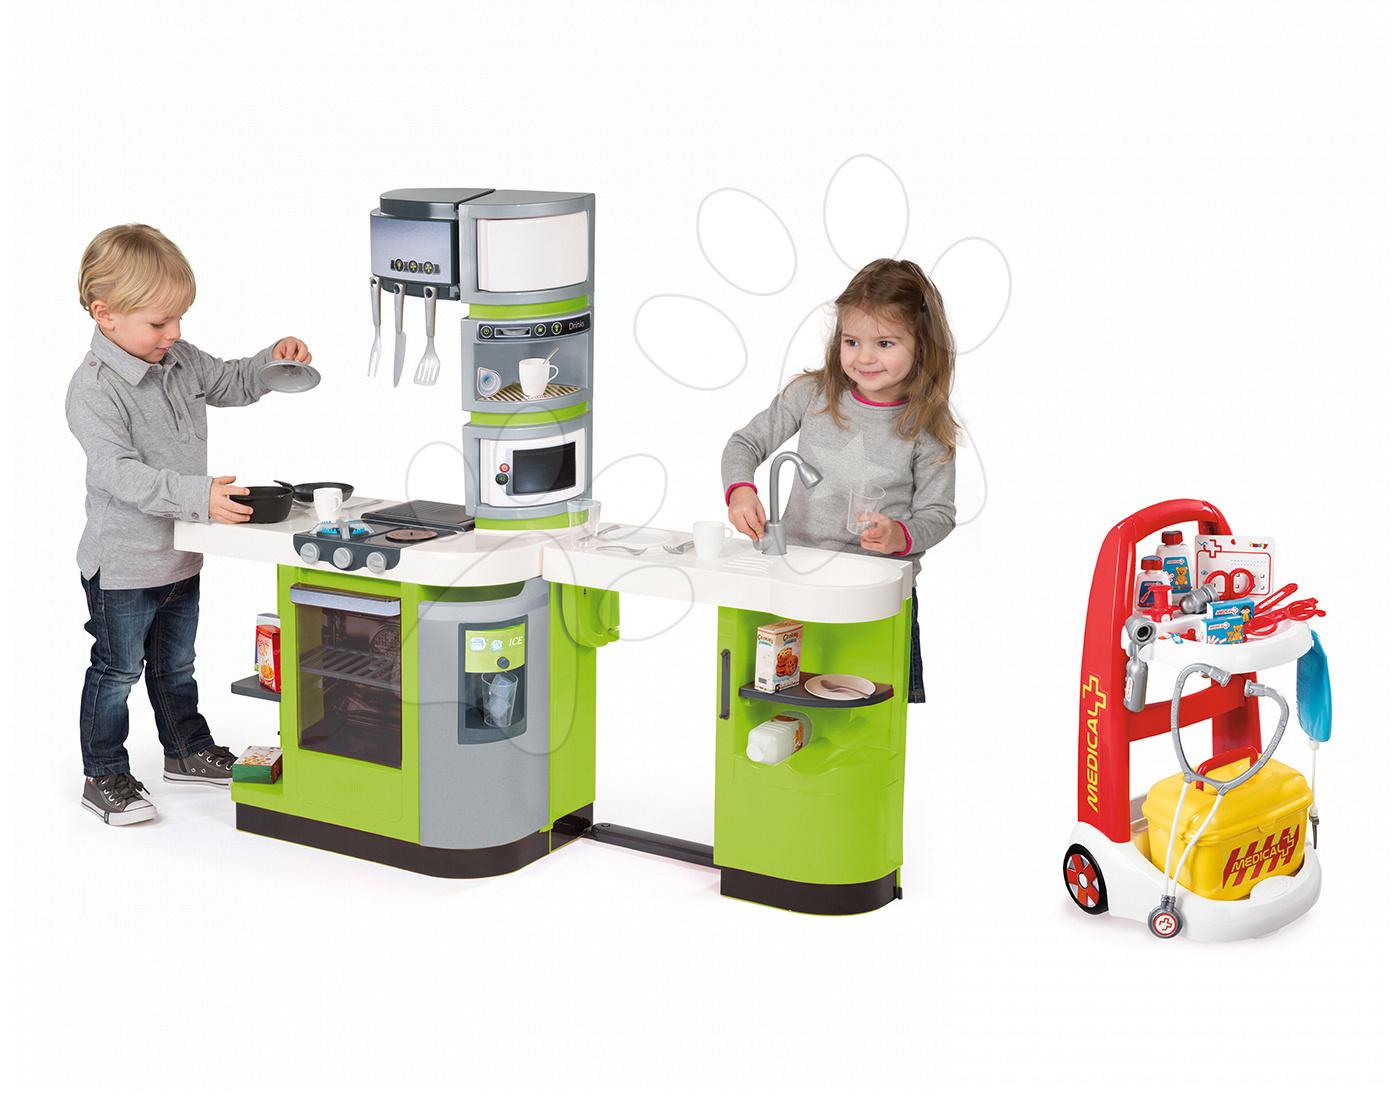 Set kuchyňka CookMaster Verte Smoby s ledem a zvuky a lékařský vozík